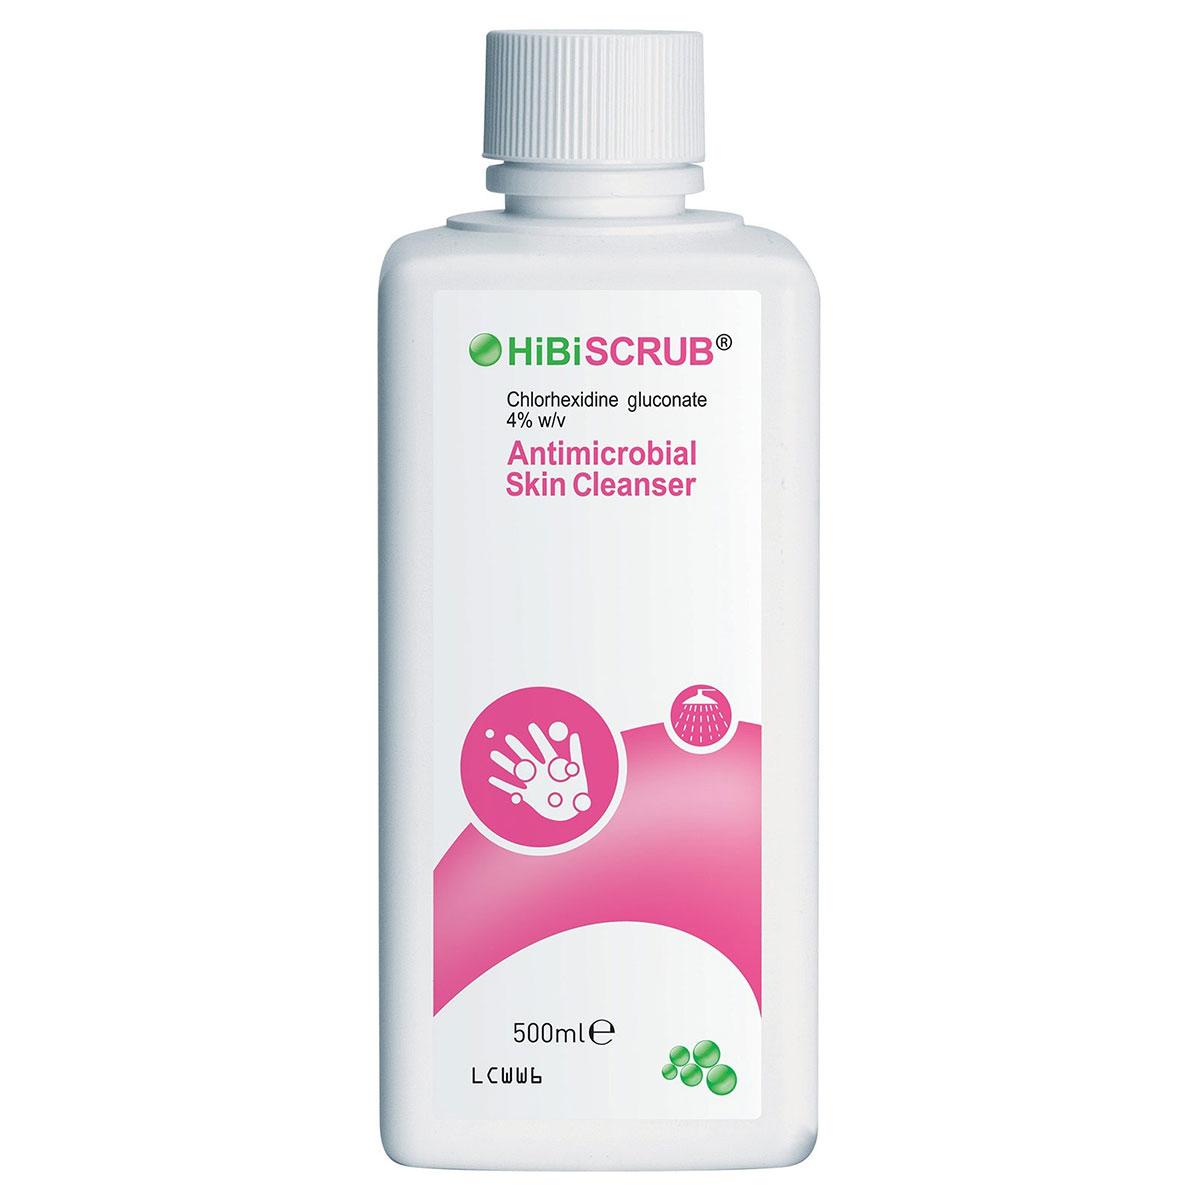 Hibiscrub Skin Cleanser 500ml